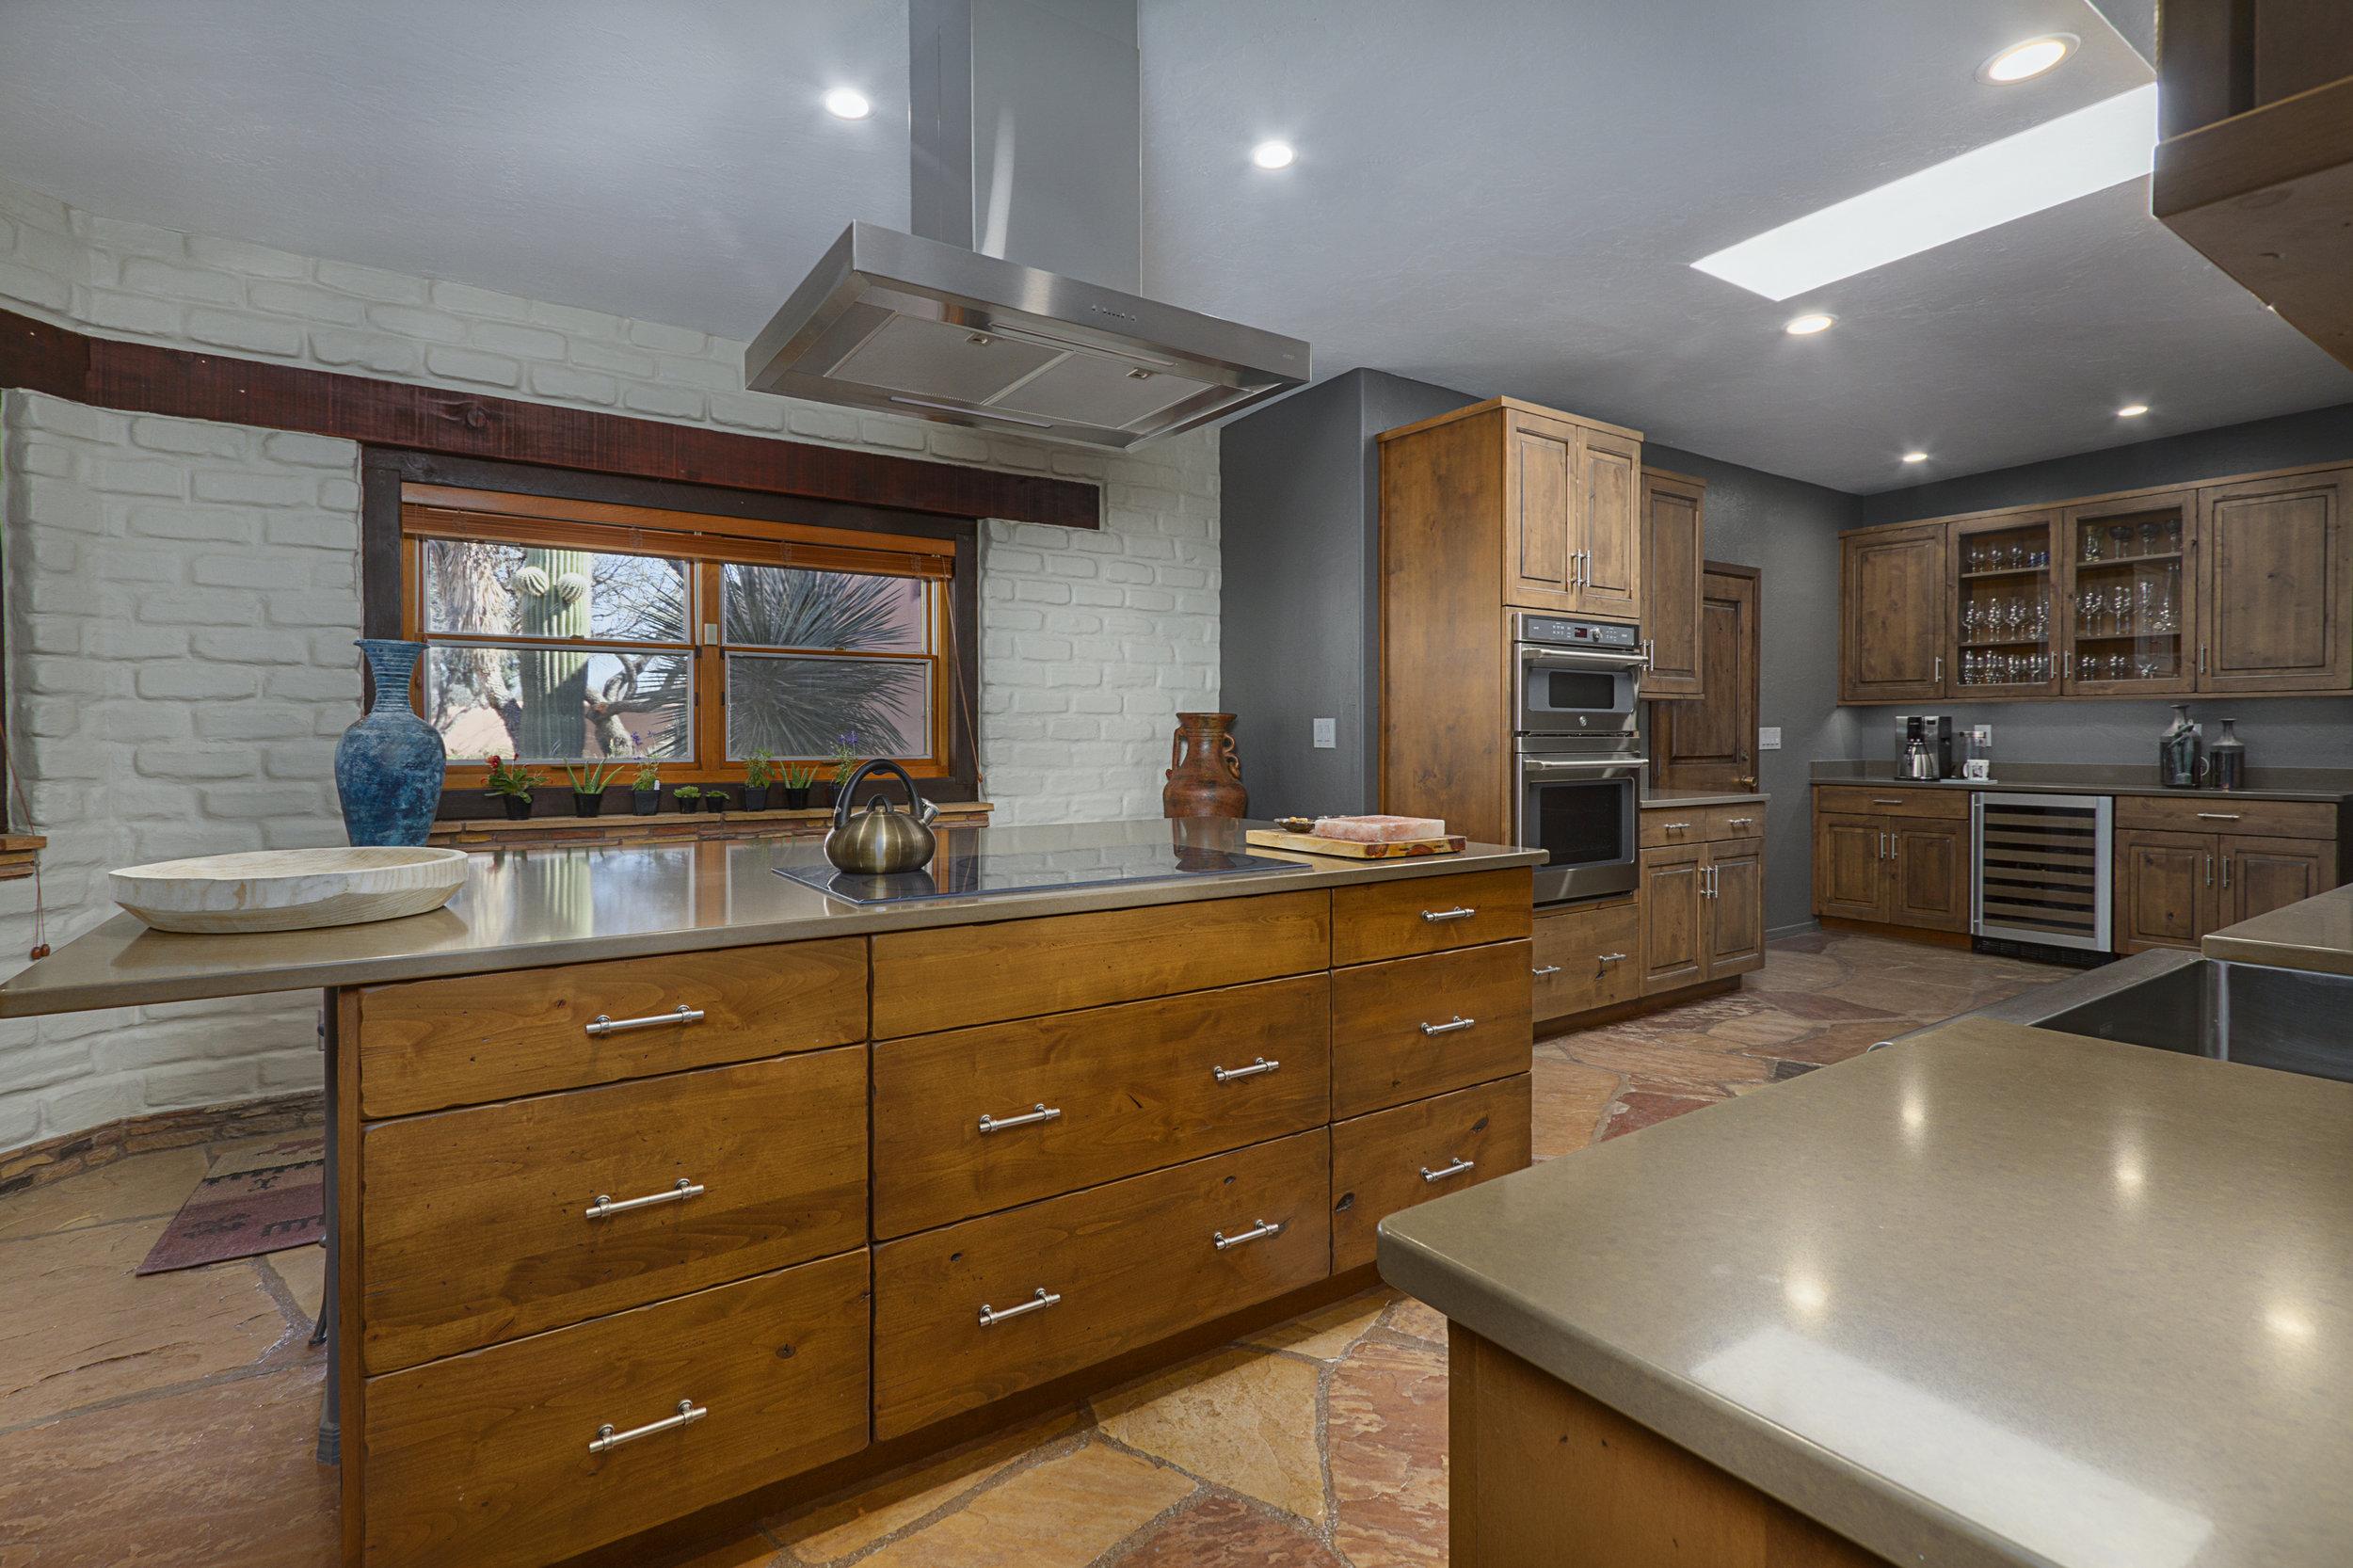 Cline_Kitchen 10.jpg